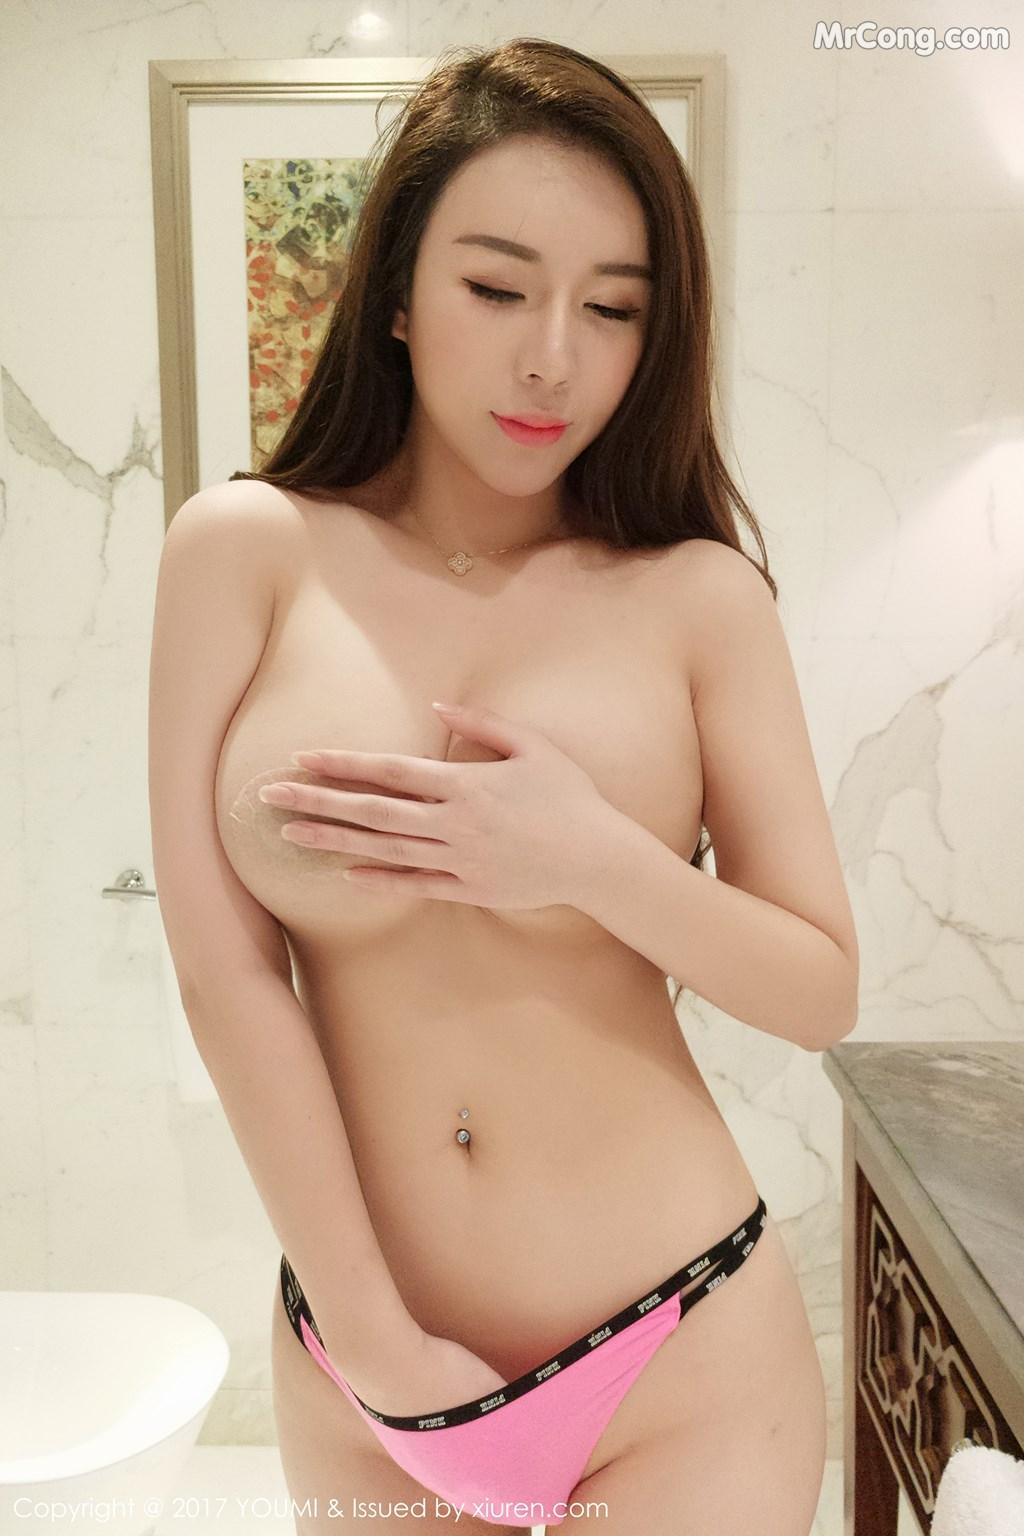 Image YouMi-Vol.076-egg-MrCong.com-037 in post YouMi Vol.076: Người mẫu 蛋蛋_egg (41 ảnh)